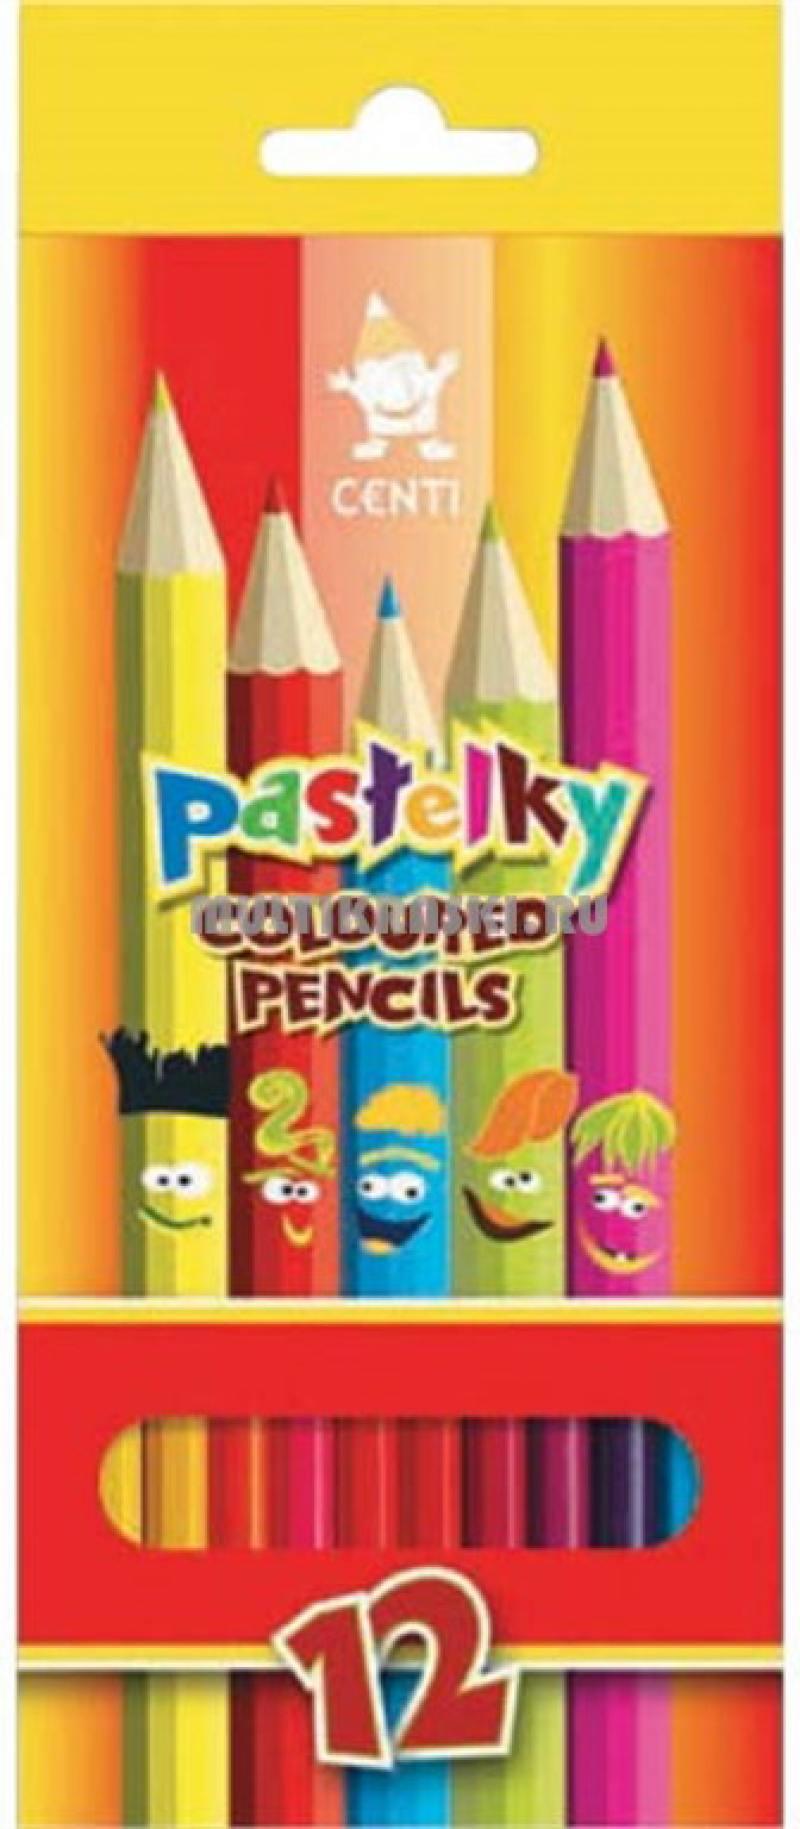 Набор цветных карандашей Koh-i-Noor 2142/12 12 шт 17.5 см набор цветных карандашей maped color peps 12 шт 683212 в тубусе подставке